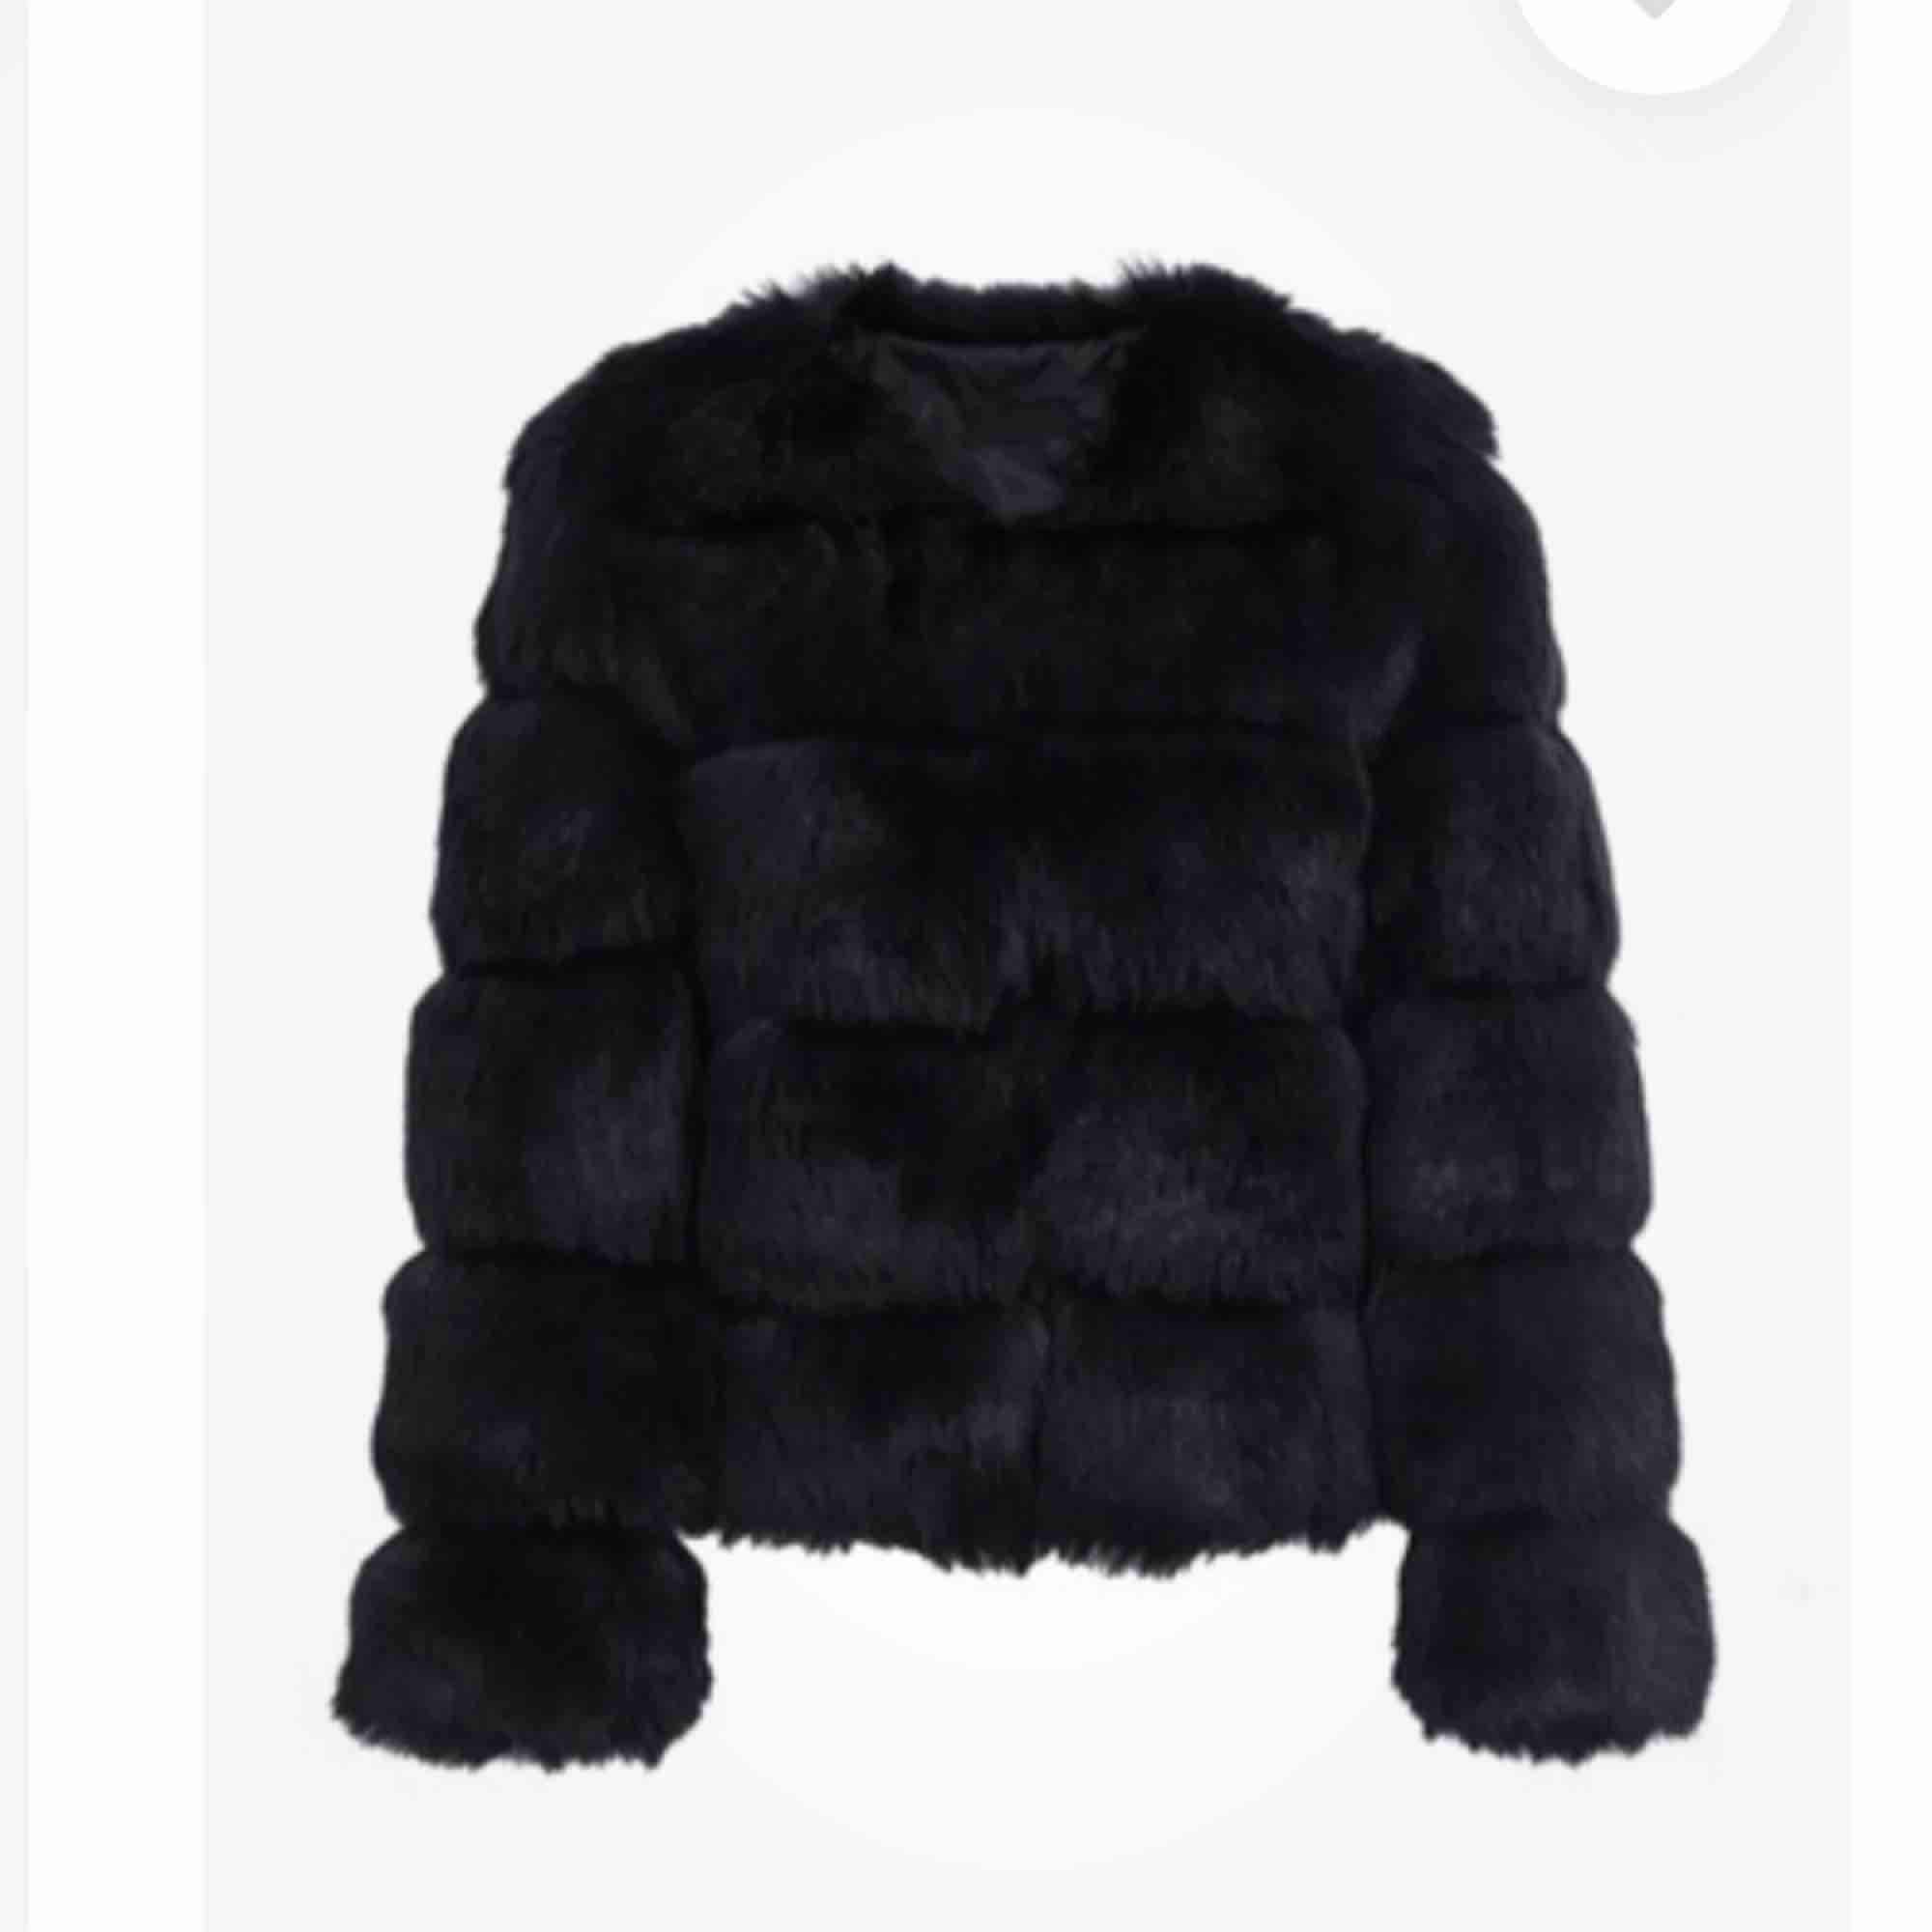 Helt oanvänd! Köpte förra vintern men blev gravid så kunde ej ha jackan, nu passar den inte. Jackan går att köpa Idag för 1299kr och jag säljer den prutat och klart för halva priset! . Jackor.